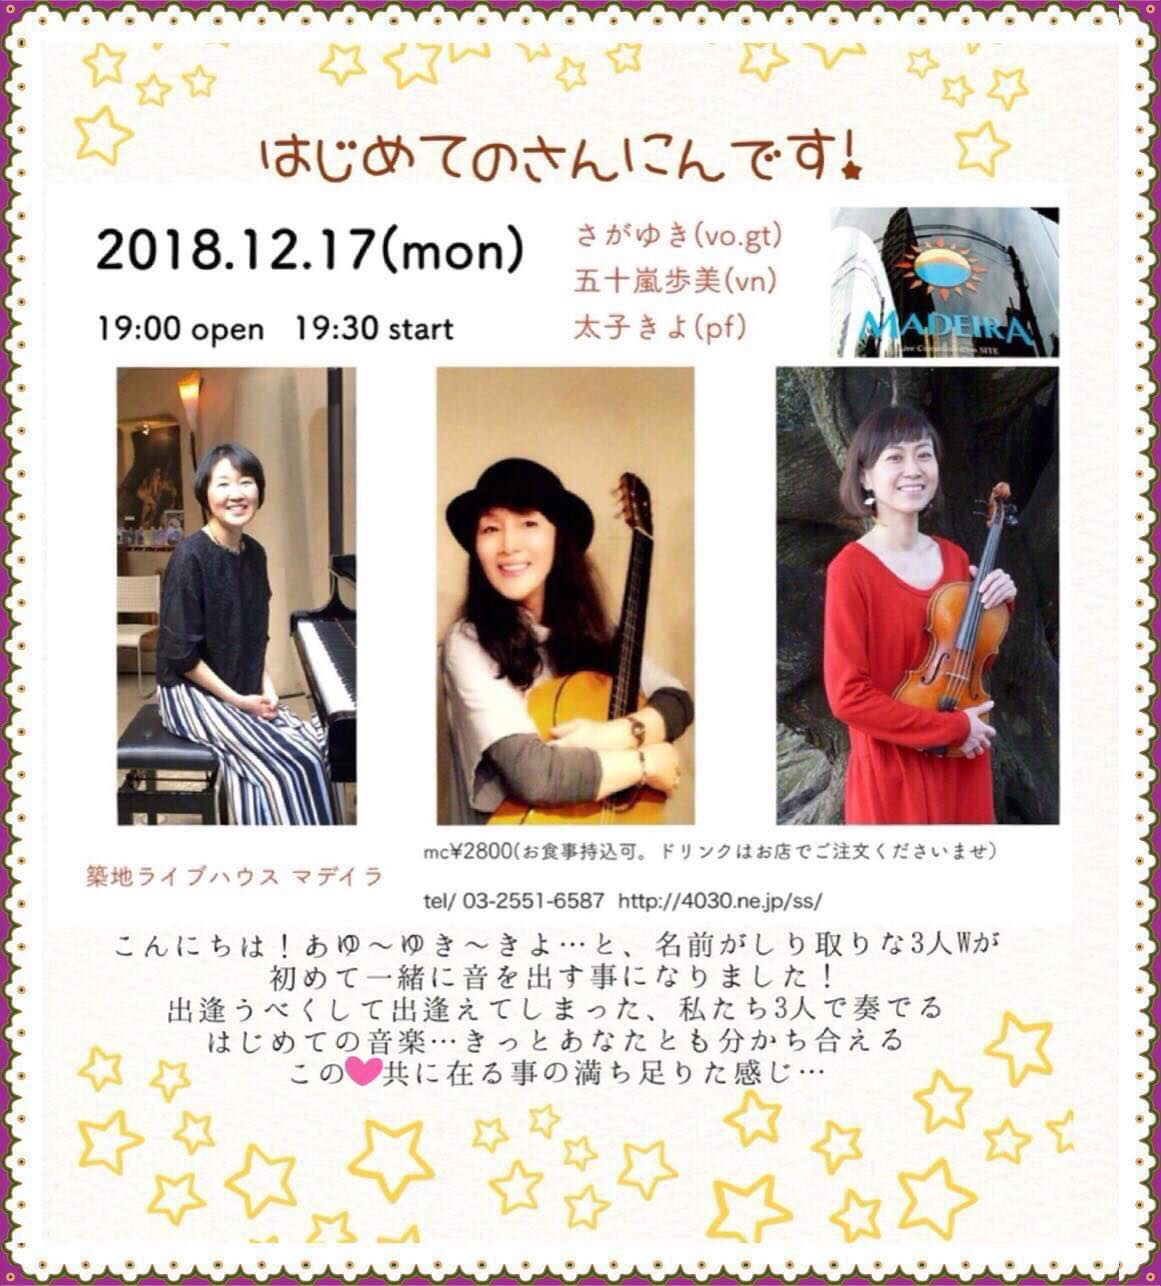 あゆきよ宇宙的三姉妹クリスマスライブ!